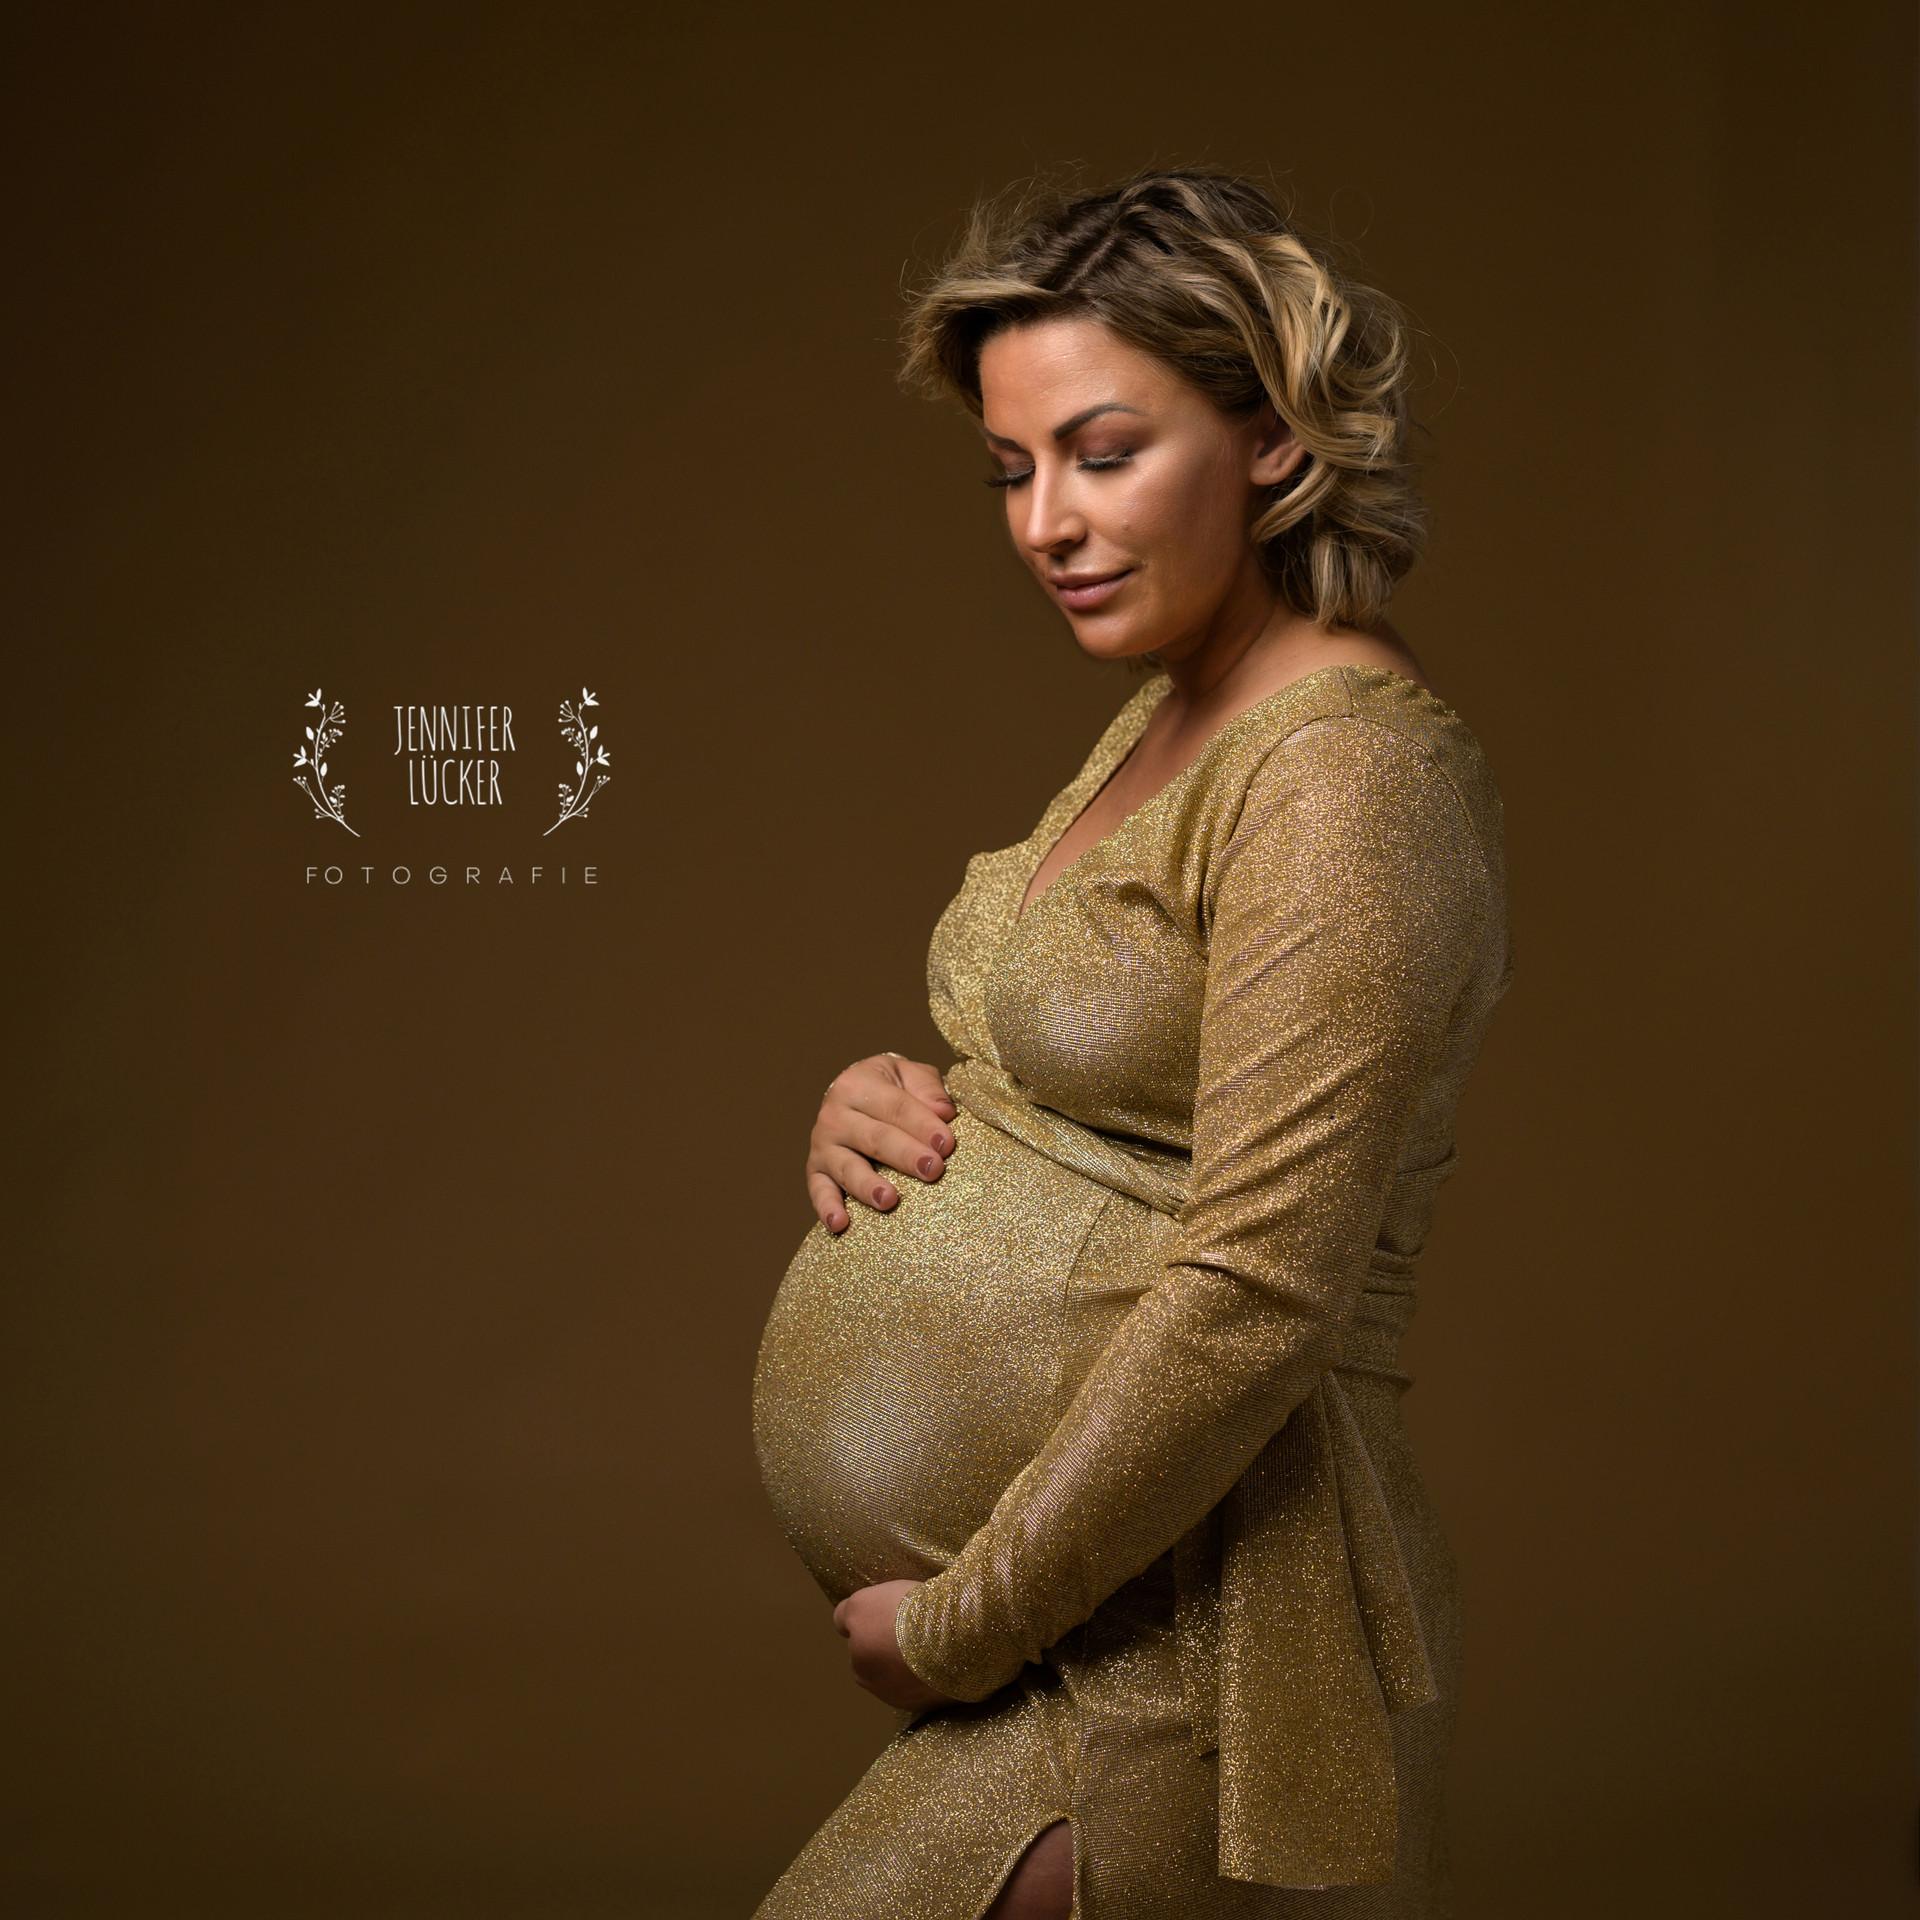 JeniferLuecker-Schwangerschaftsfotografie-köln.jpg